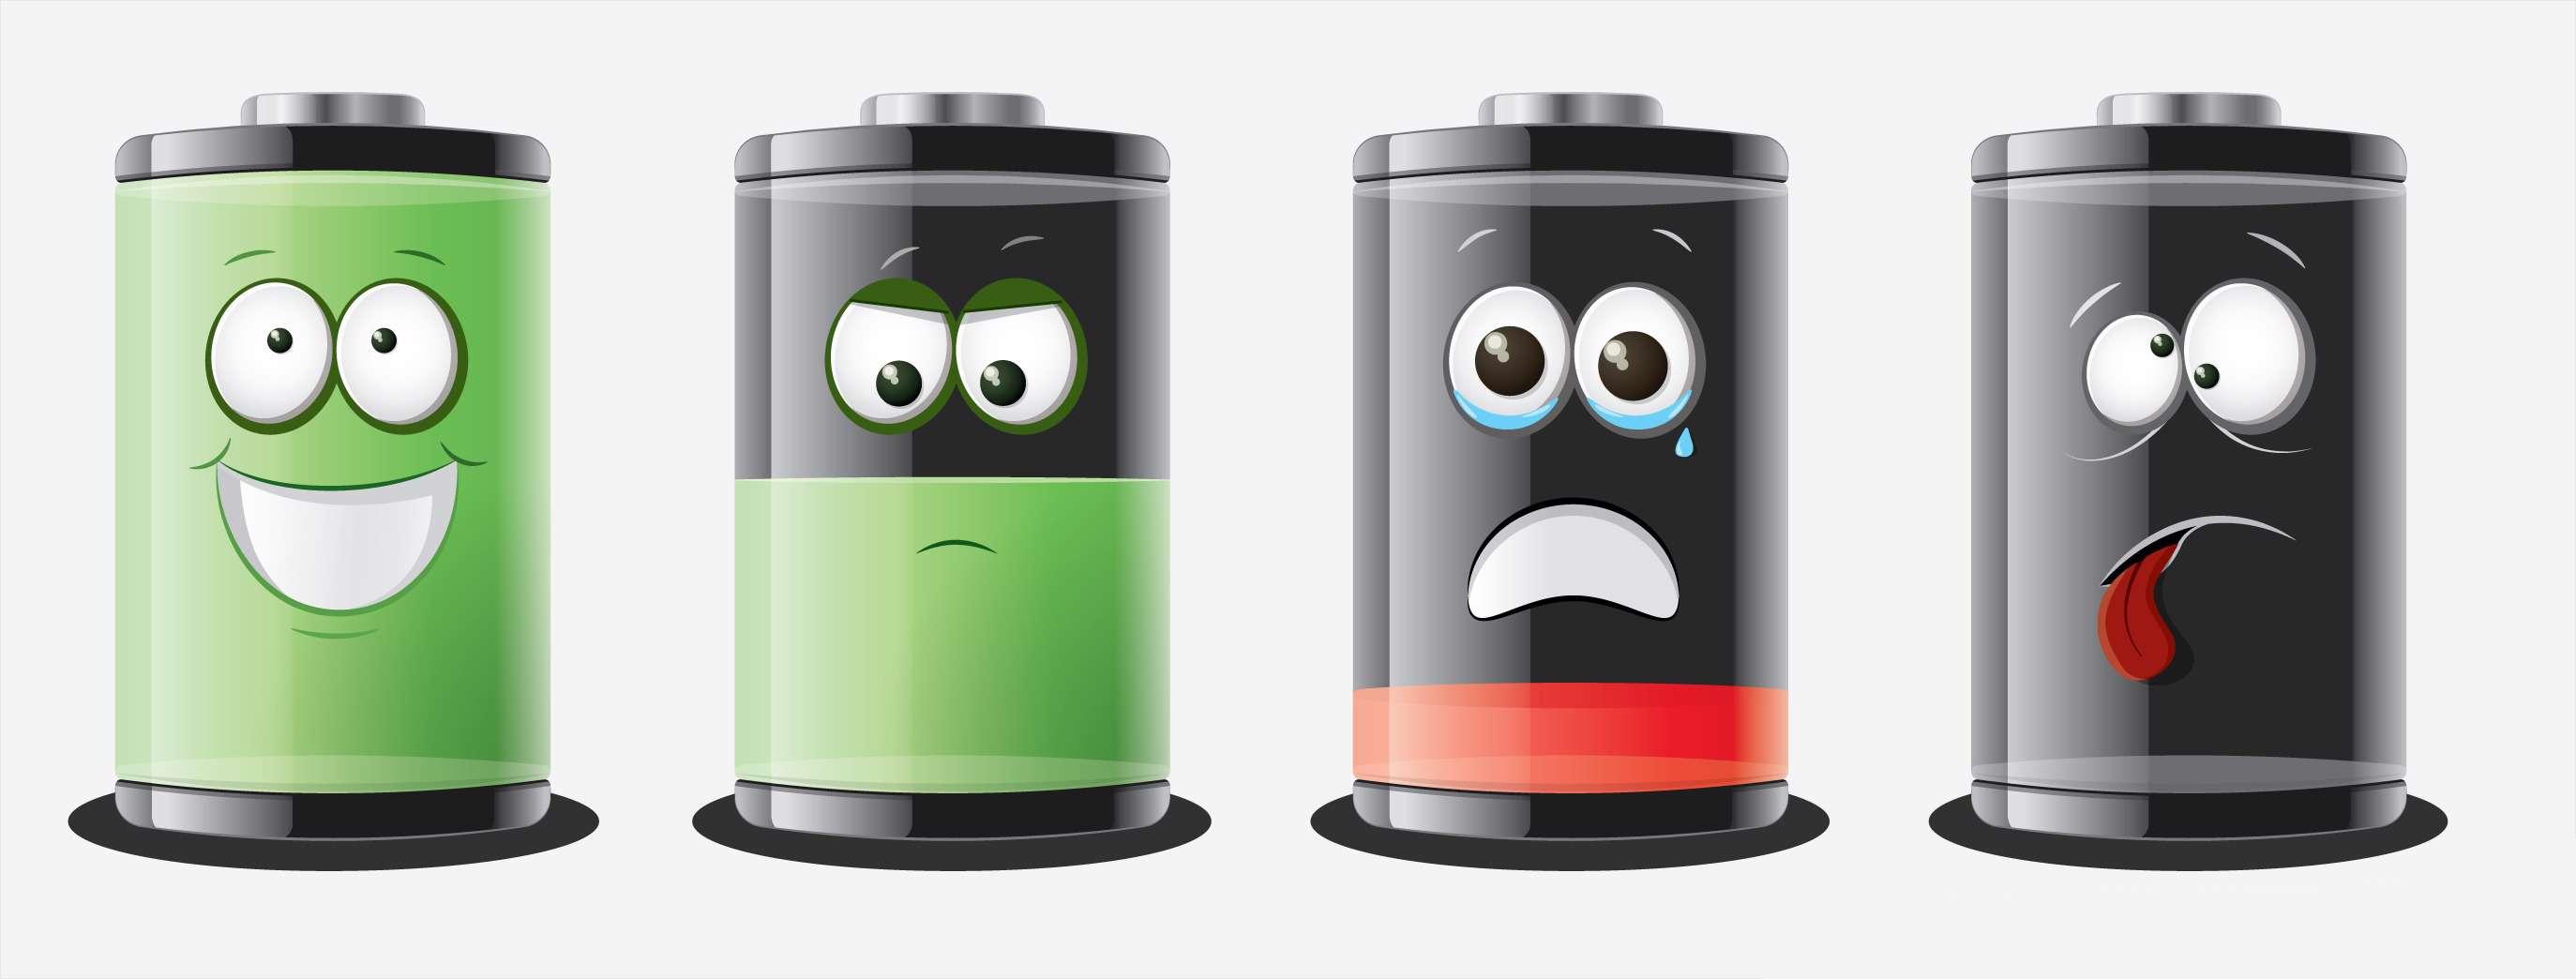 دانلود برنامه نظارت كننده ی باتری Battery Magic Pro 1.2.27 برای اندروید